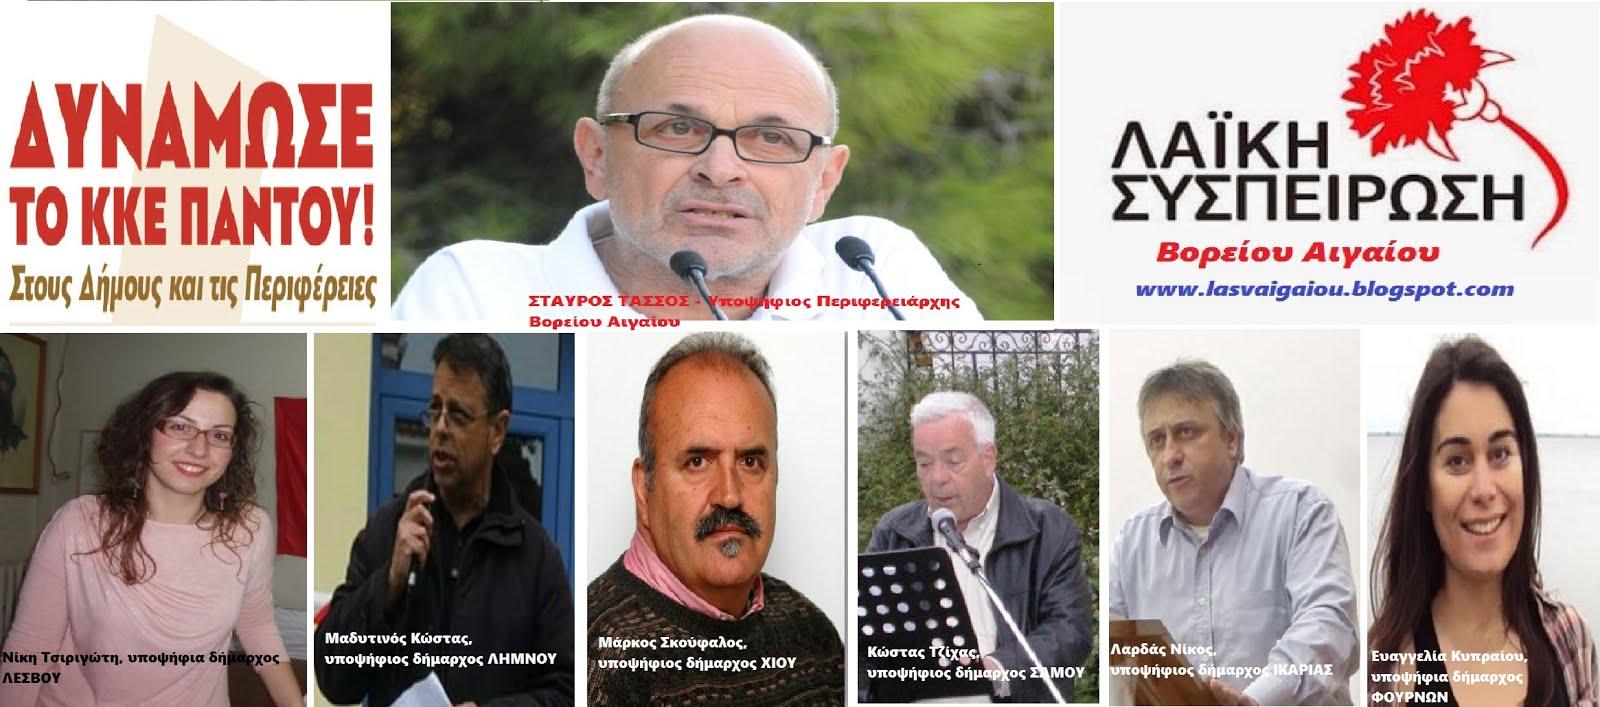 Βιογραφικά των επικεφαλής υποψηφίων της Λαικής Συσπείρωσης σε Δήμους και Περιφέρεια Βορείου Αιγαίου